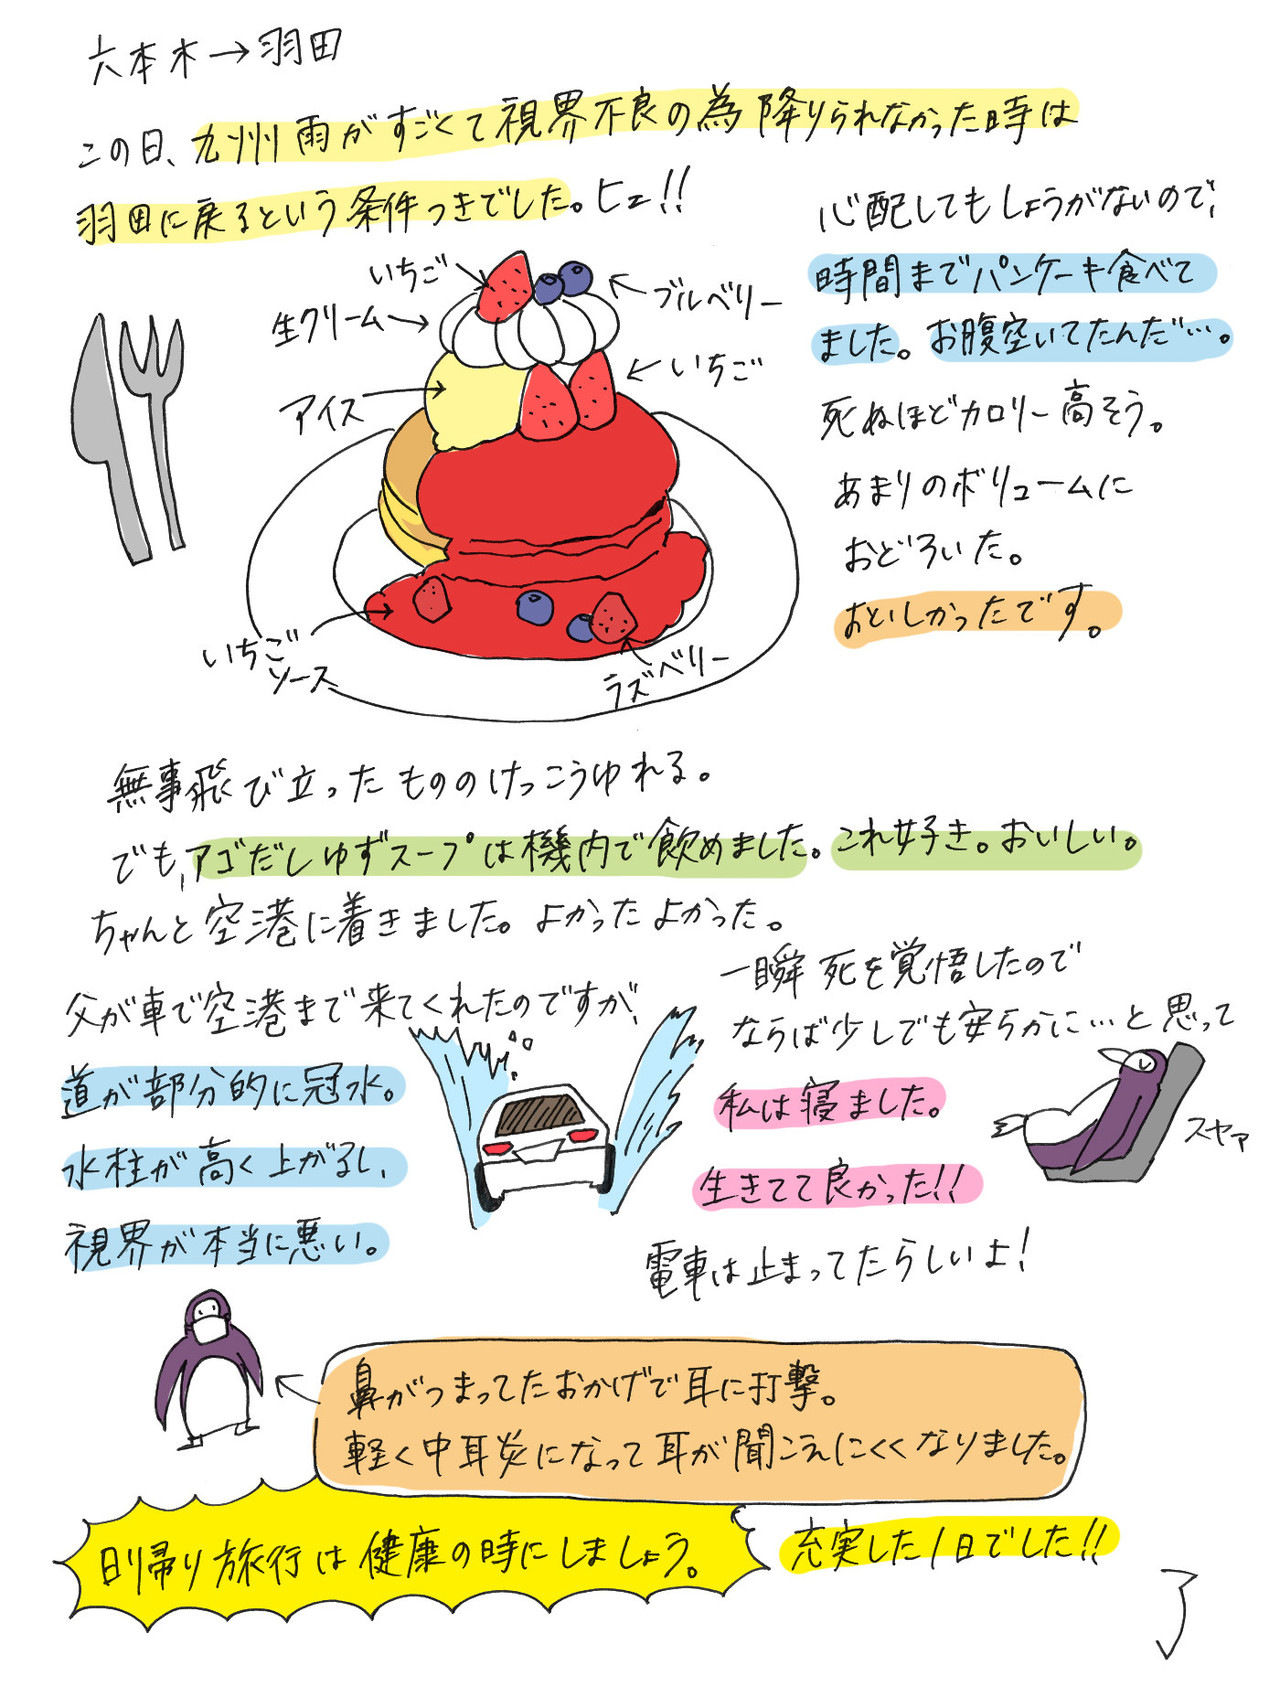 f:id:hikikoma:20160621085913j:plain